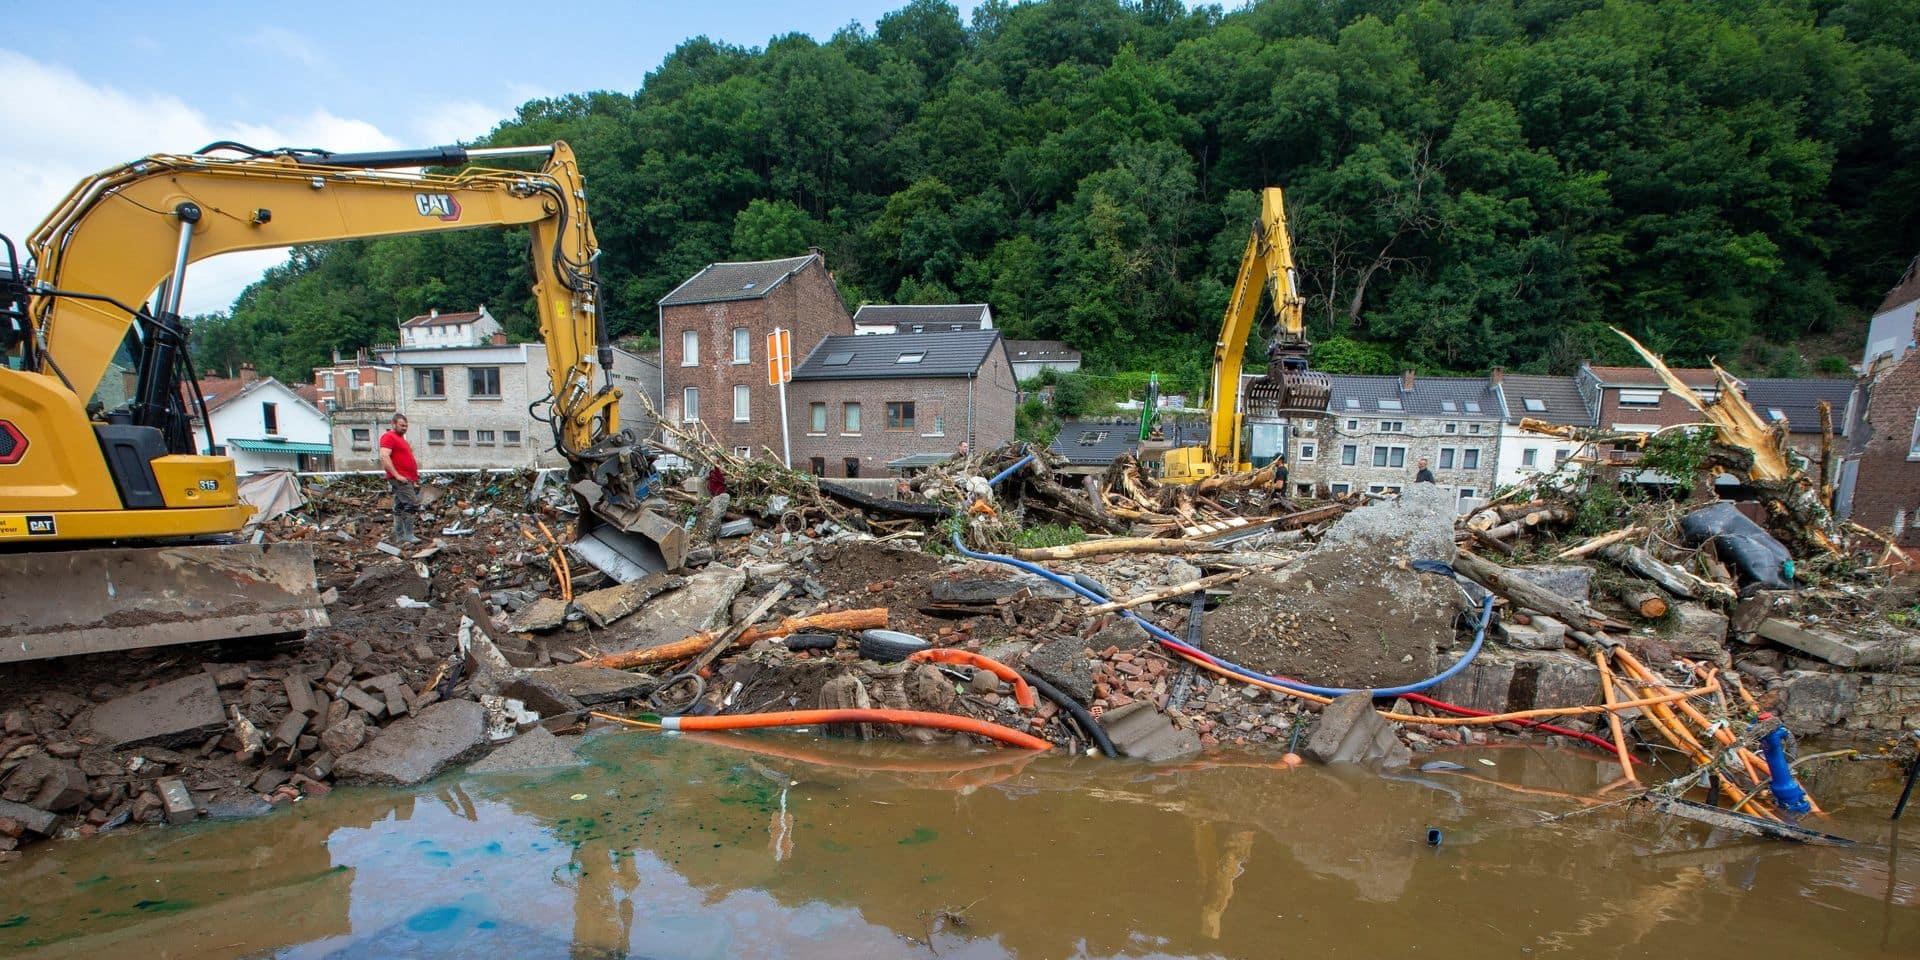 Province de Liège : que faire avec les déchets dangereux ?